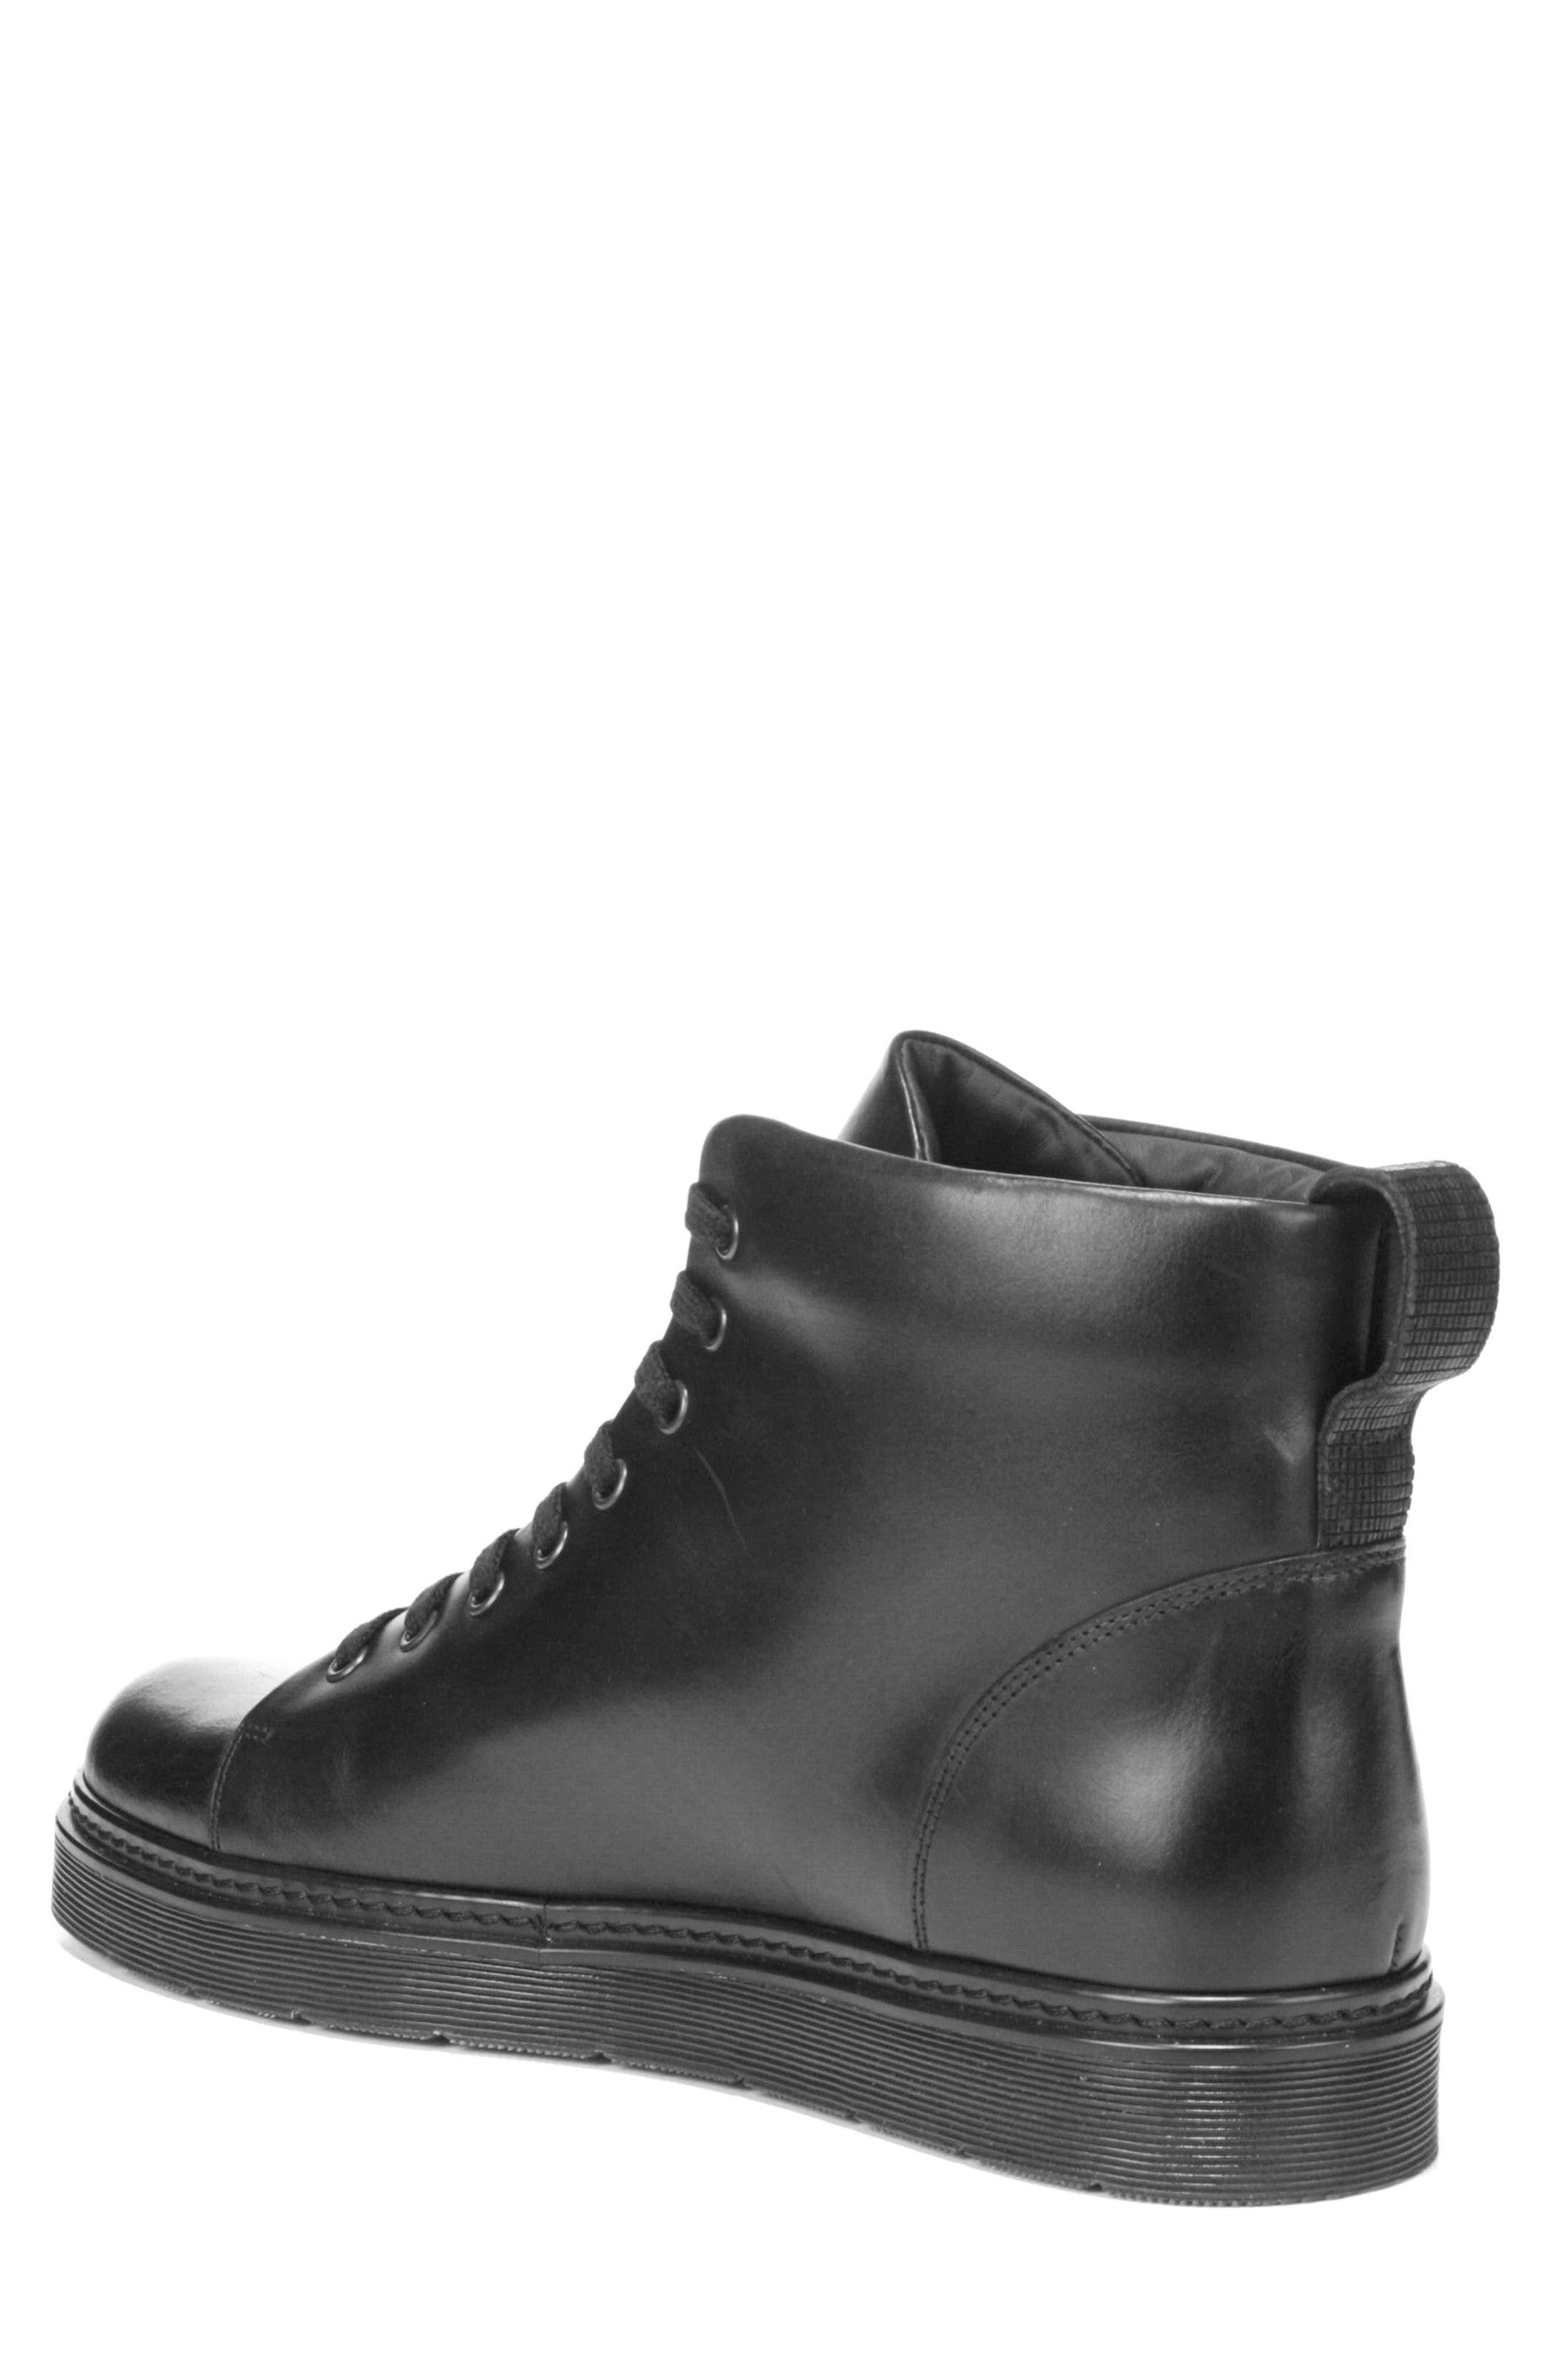 Malone Plain Toe Boot,                             Alternate thumbnail 2, color,                             Black